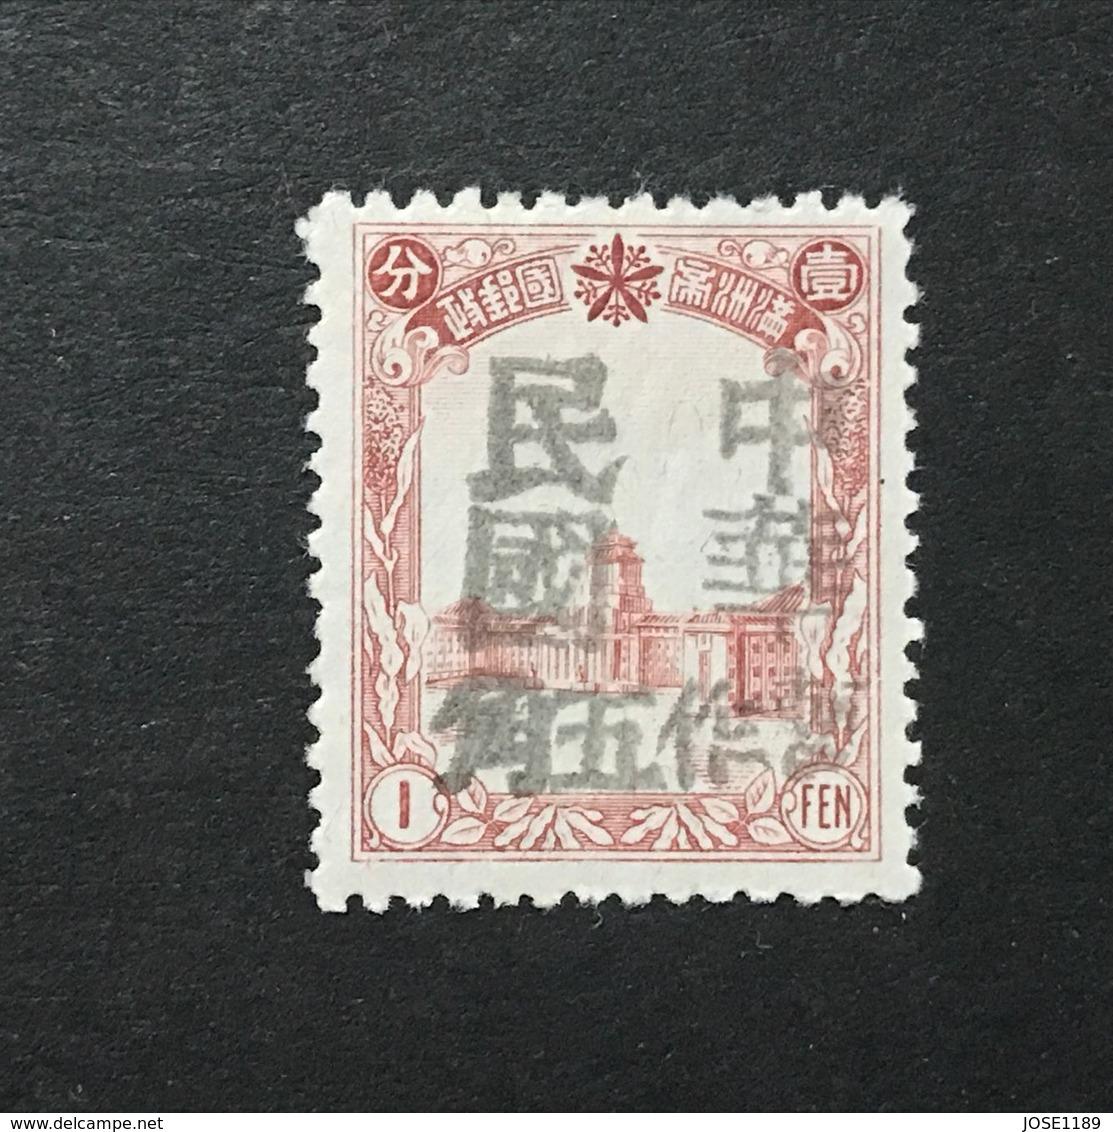 ◆◆◆Manchuria (Manchukuo) 1946  LOCAL HAI LOONG  (or HAI LUNG)   50F / 1F   NEW   AA4066 - 1932-45 Manchuria (Manchukuo)